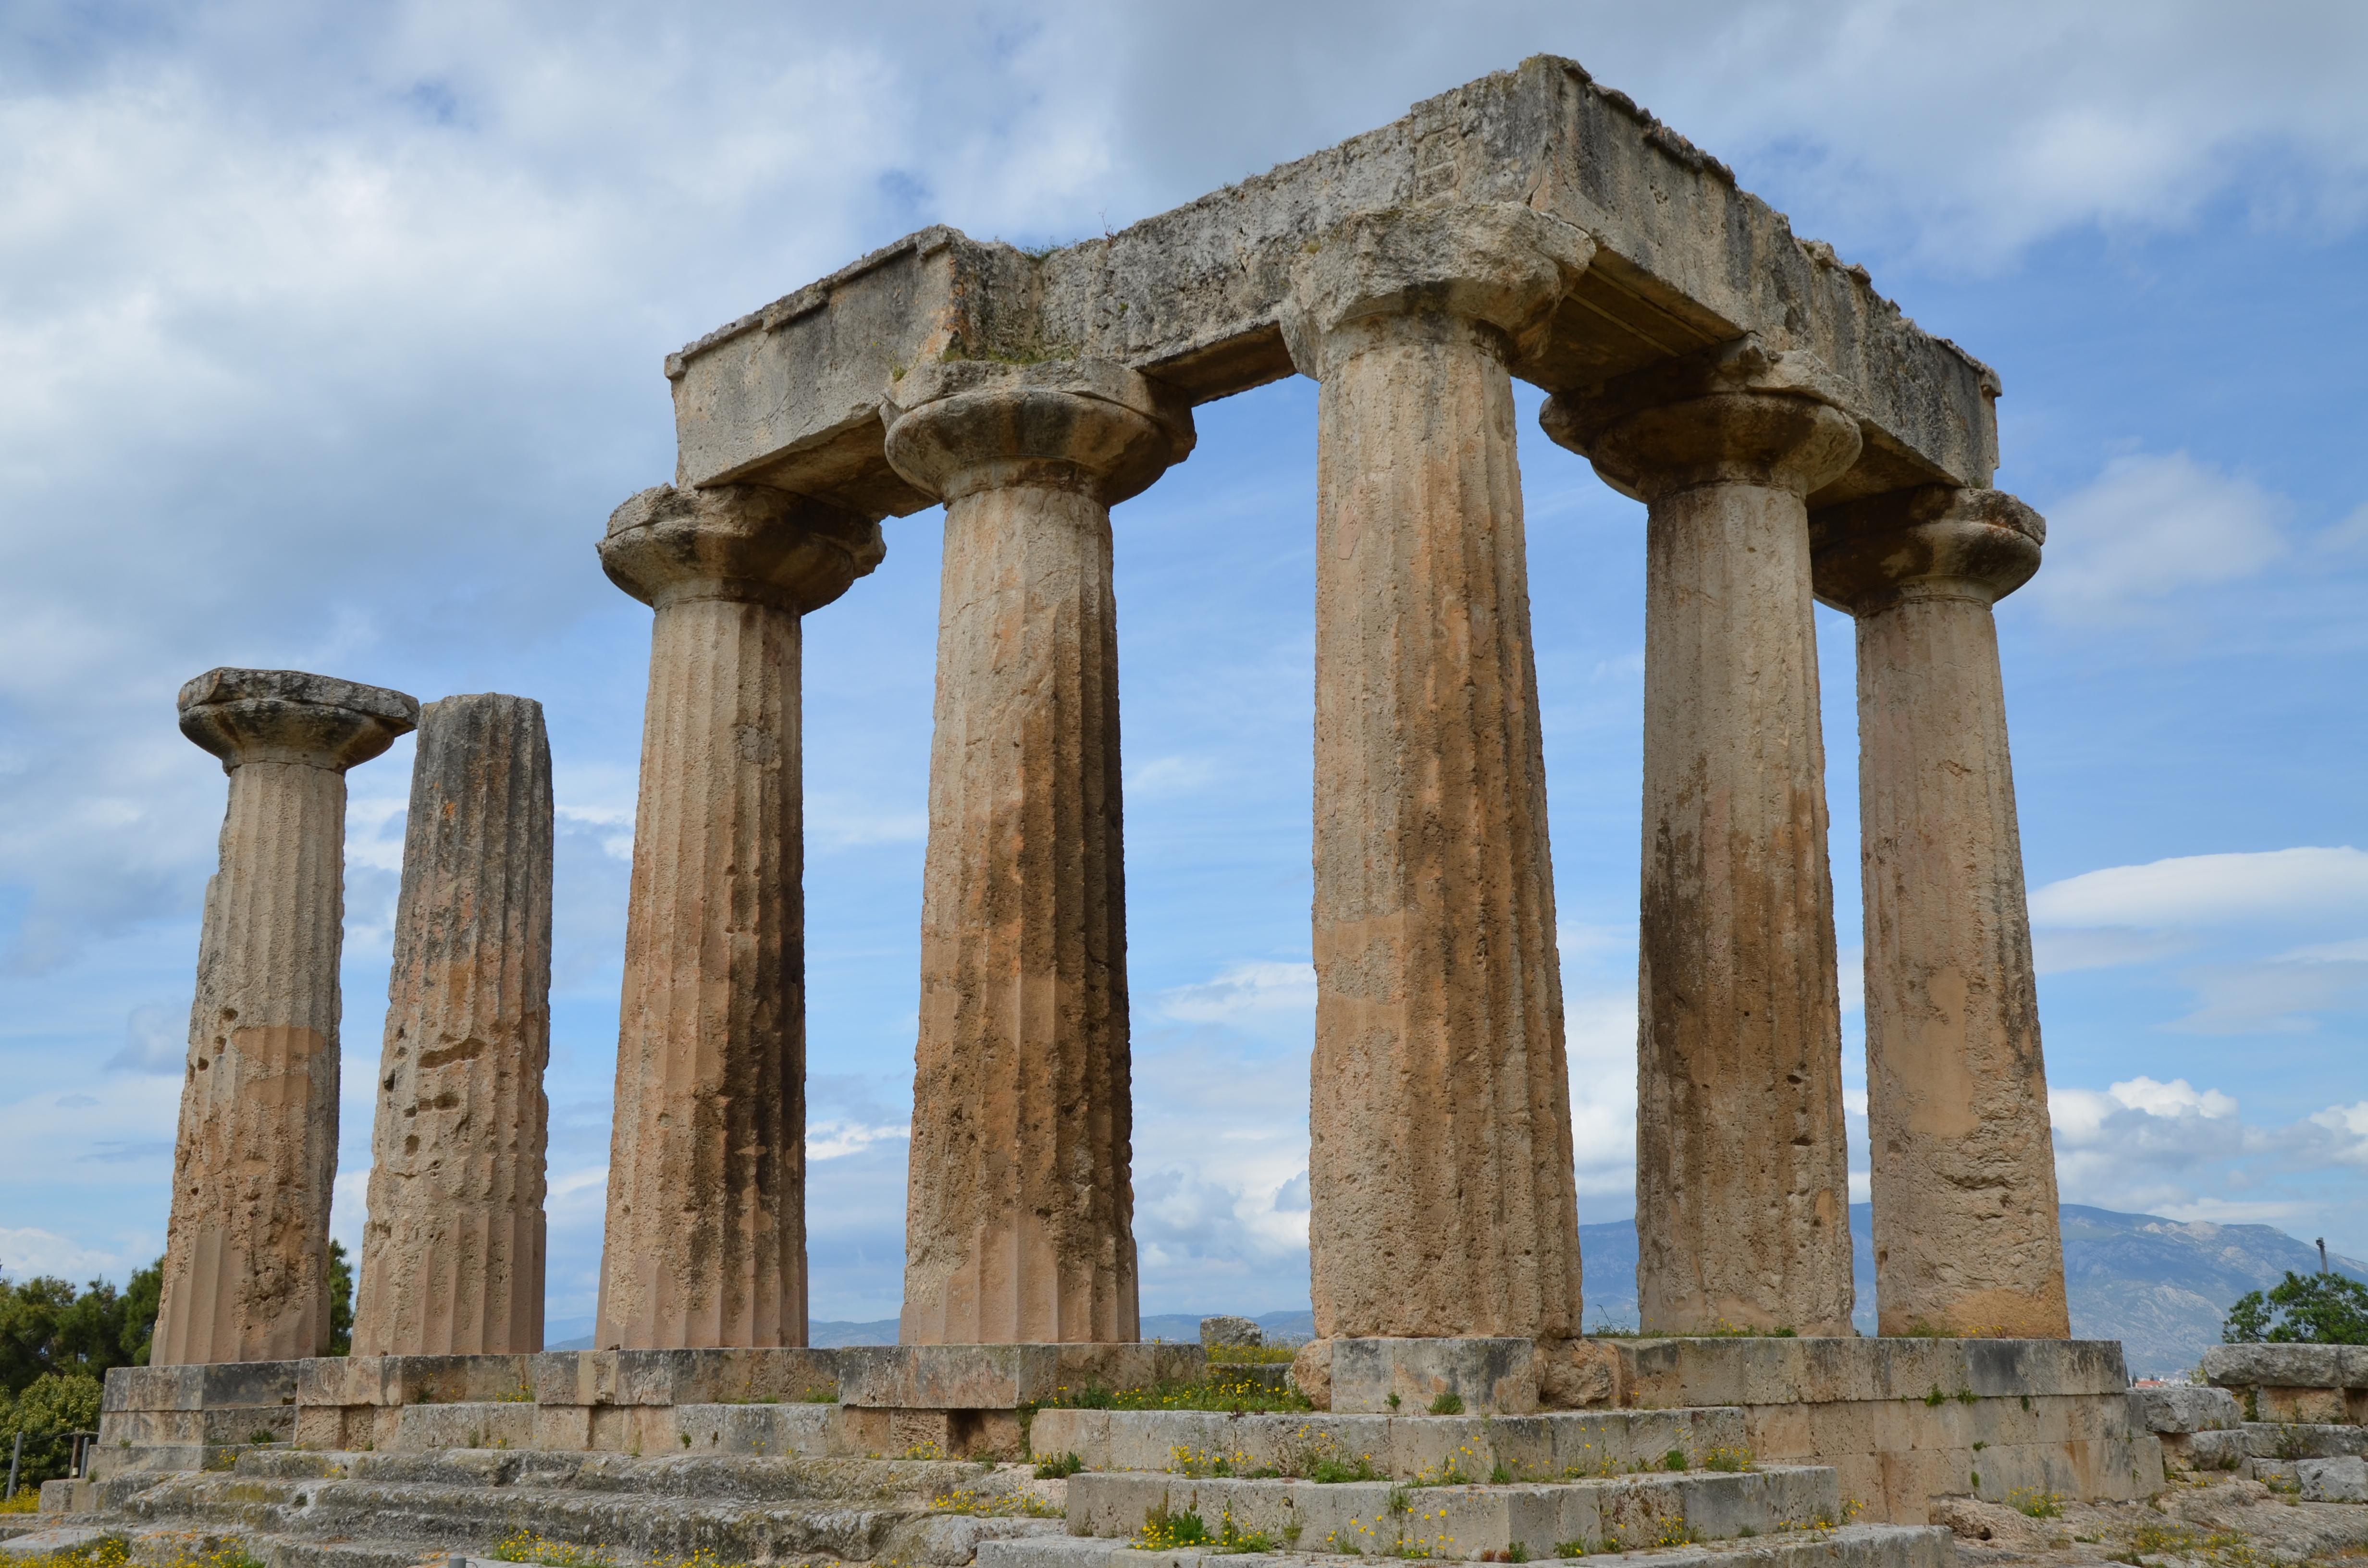 File:Temple of Apollo, built ca. 540 BC, Corinth, Greece ...